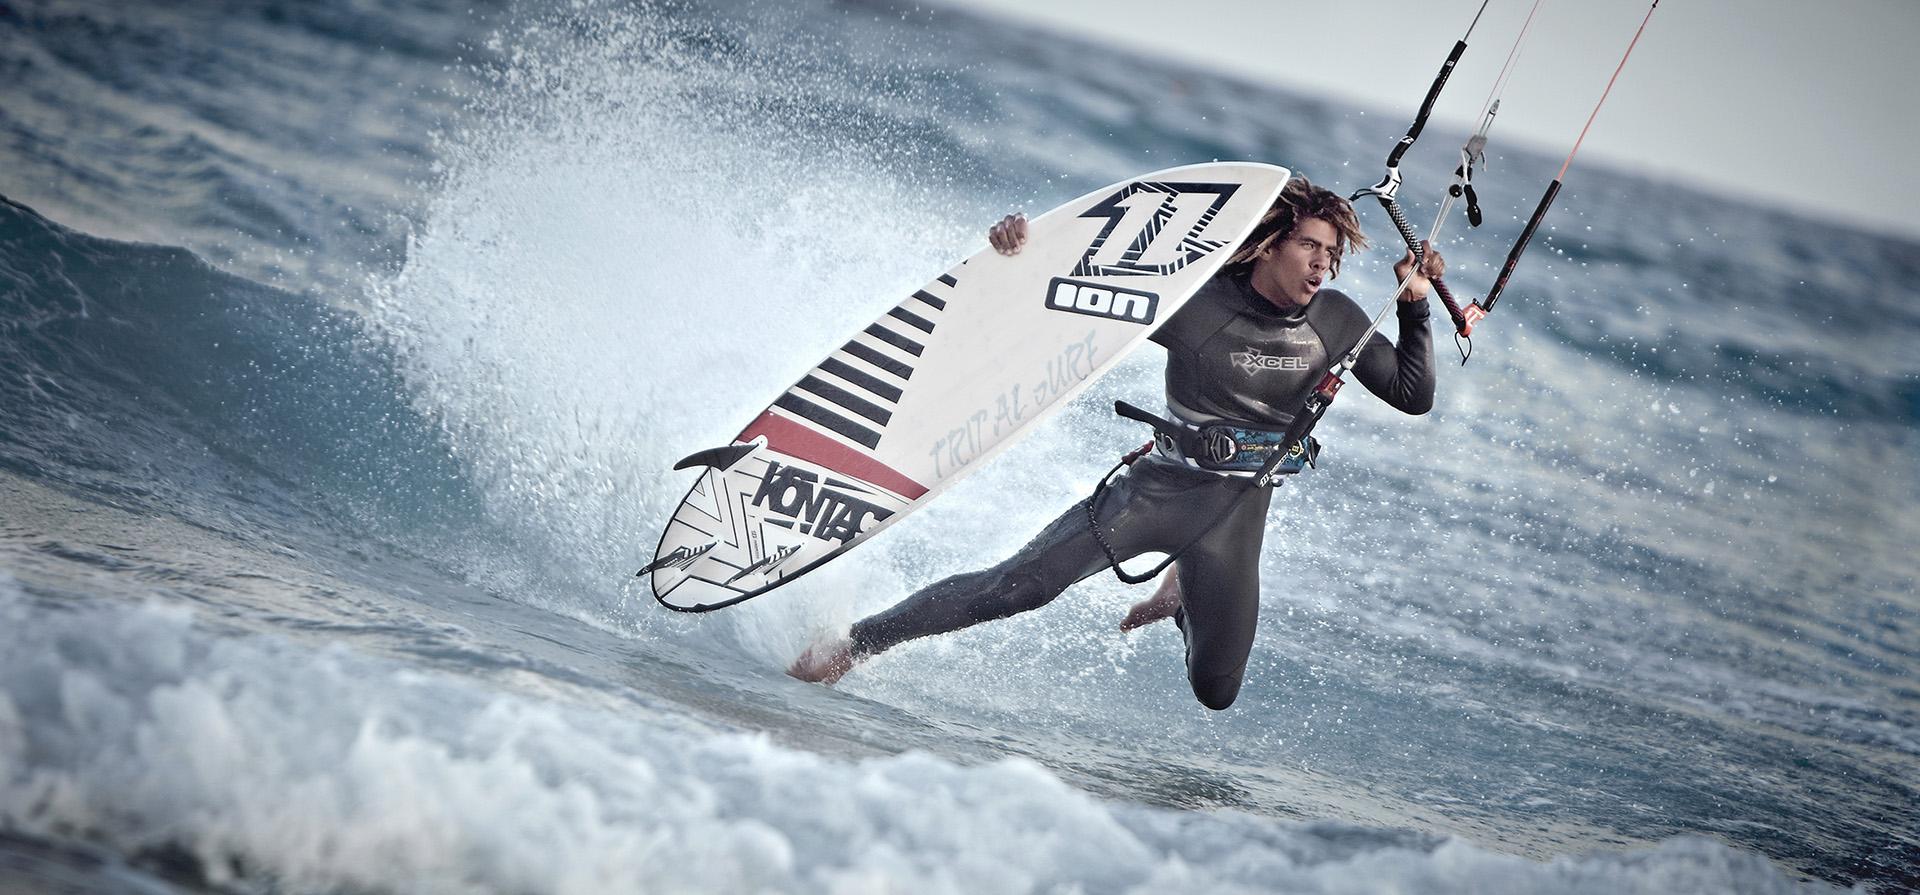 Sport slide3